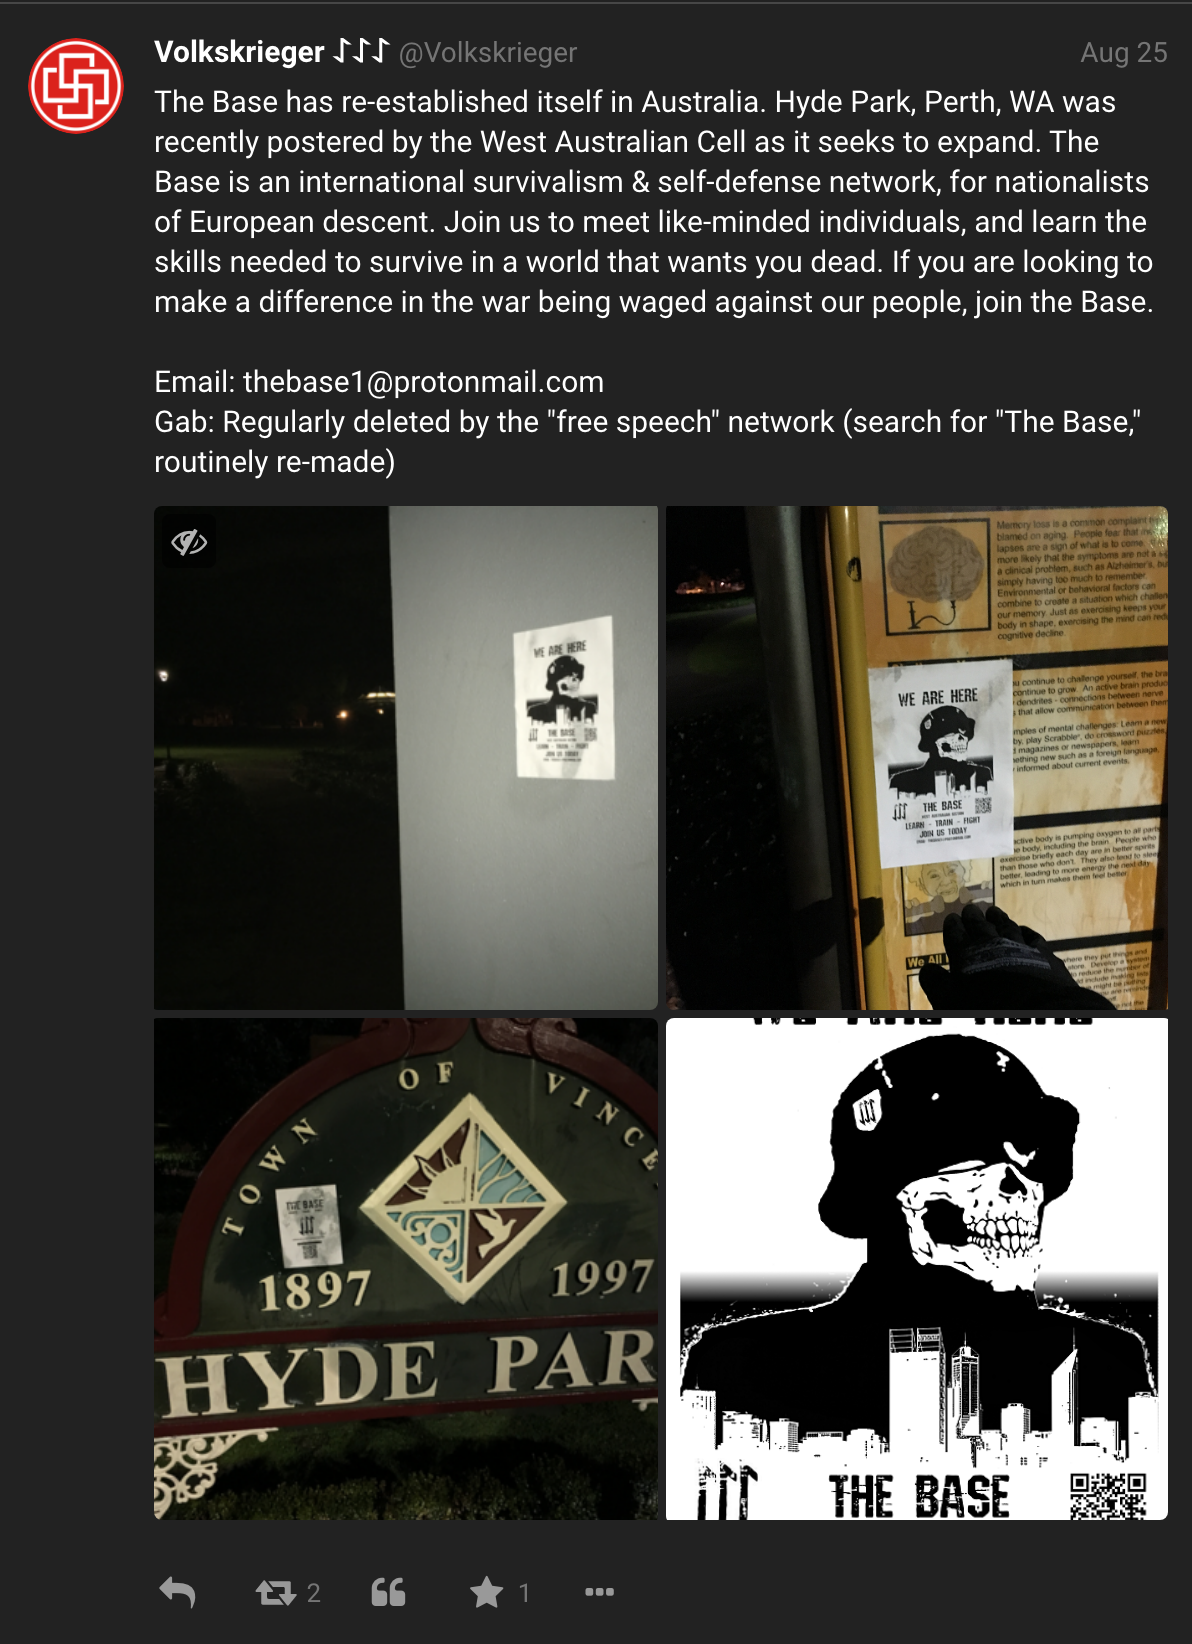 Volkskrieger post